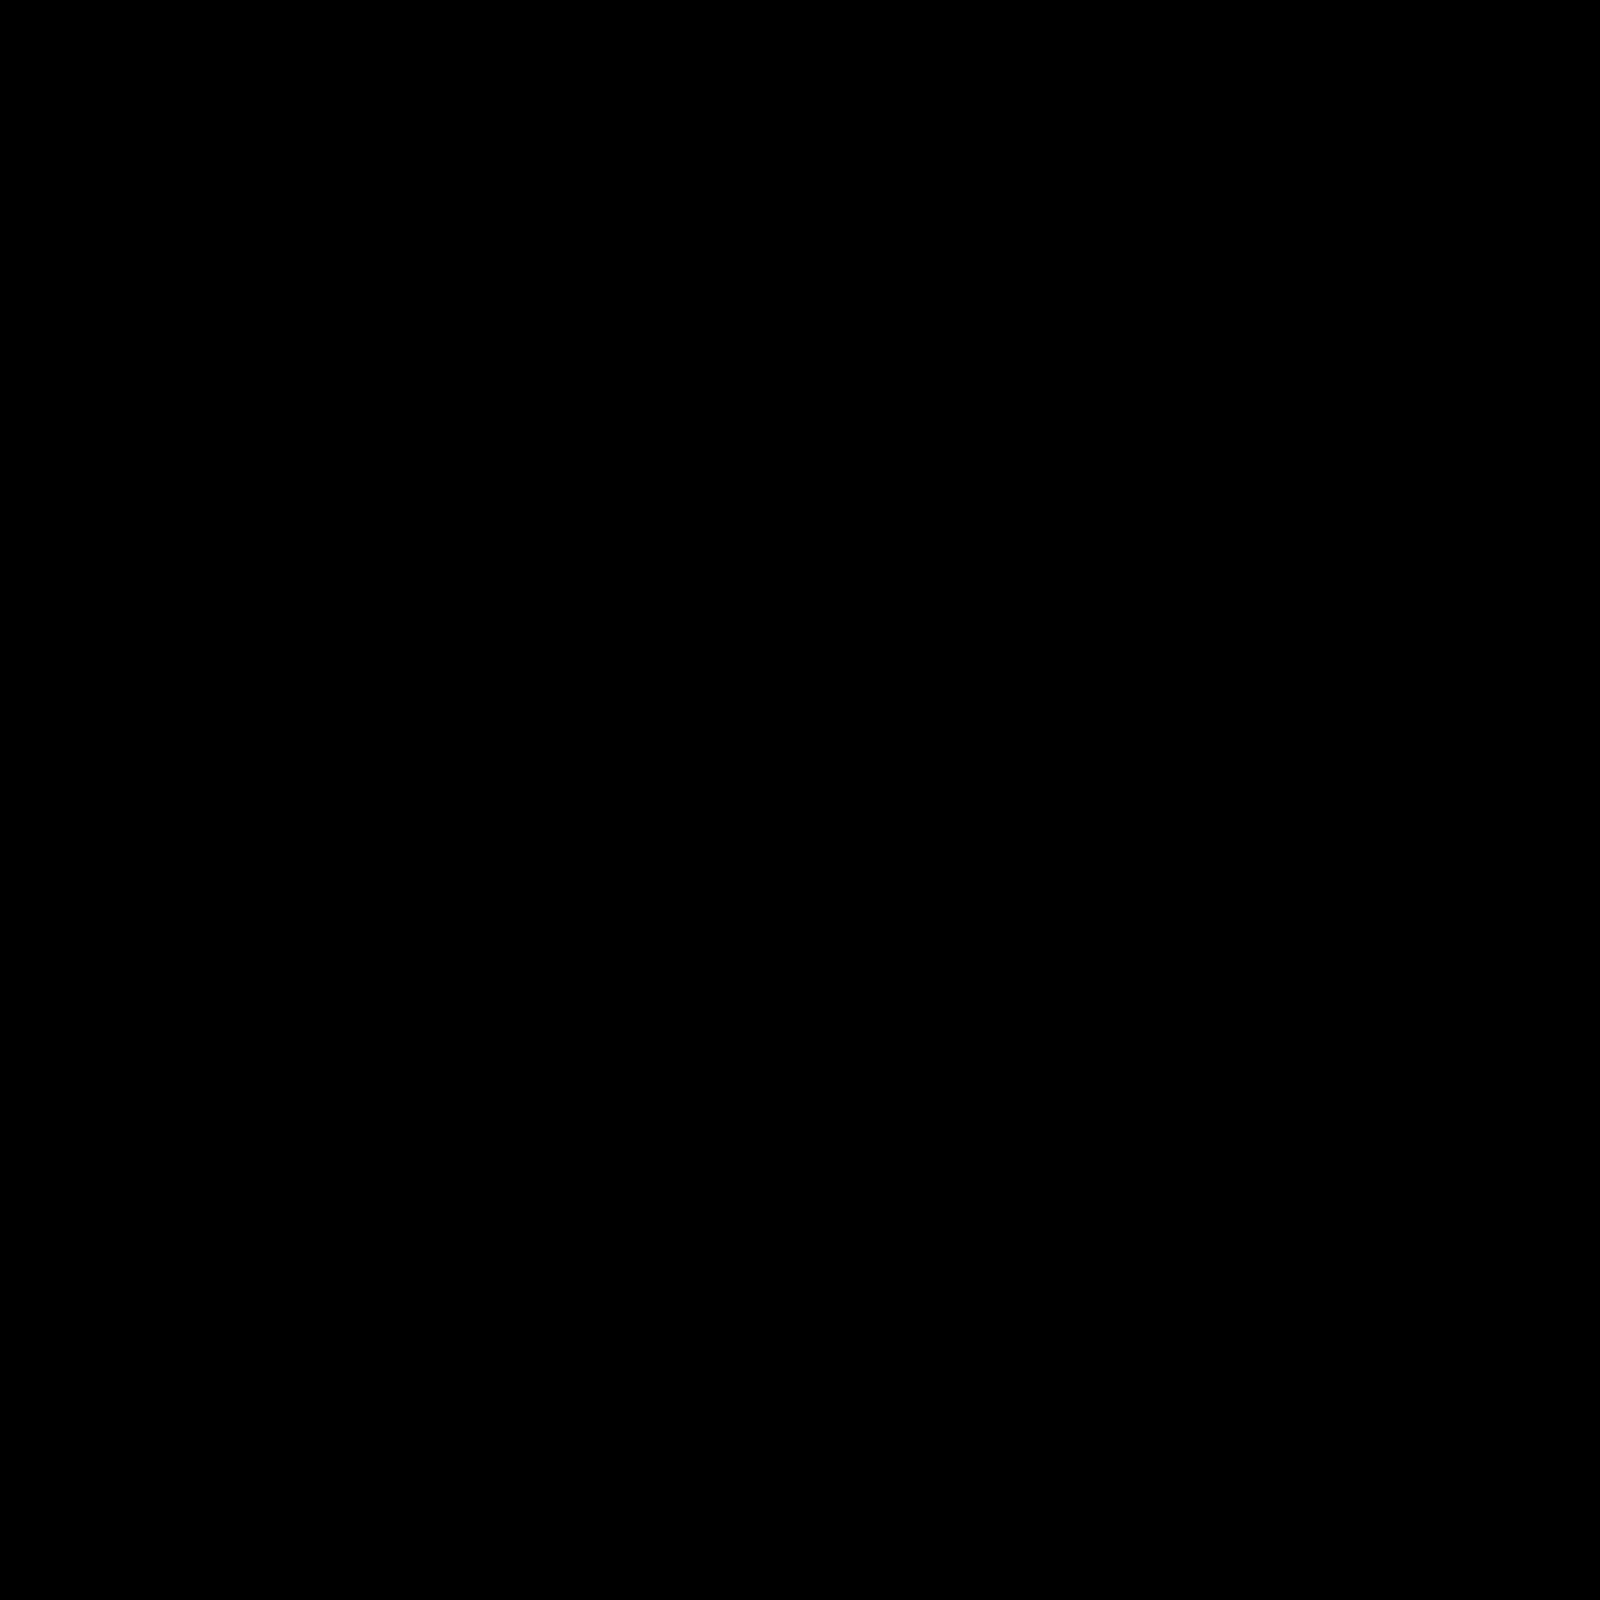 Cerclé 6 C icon